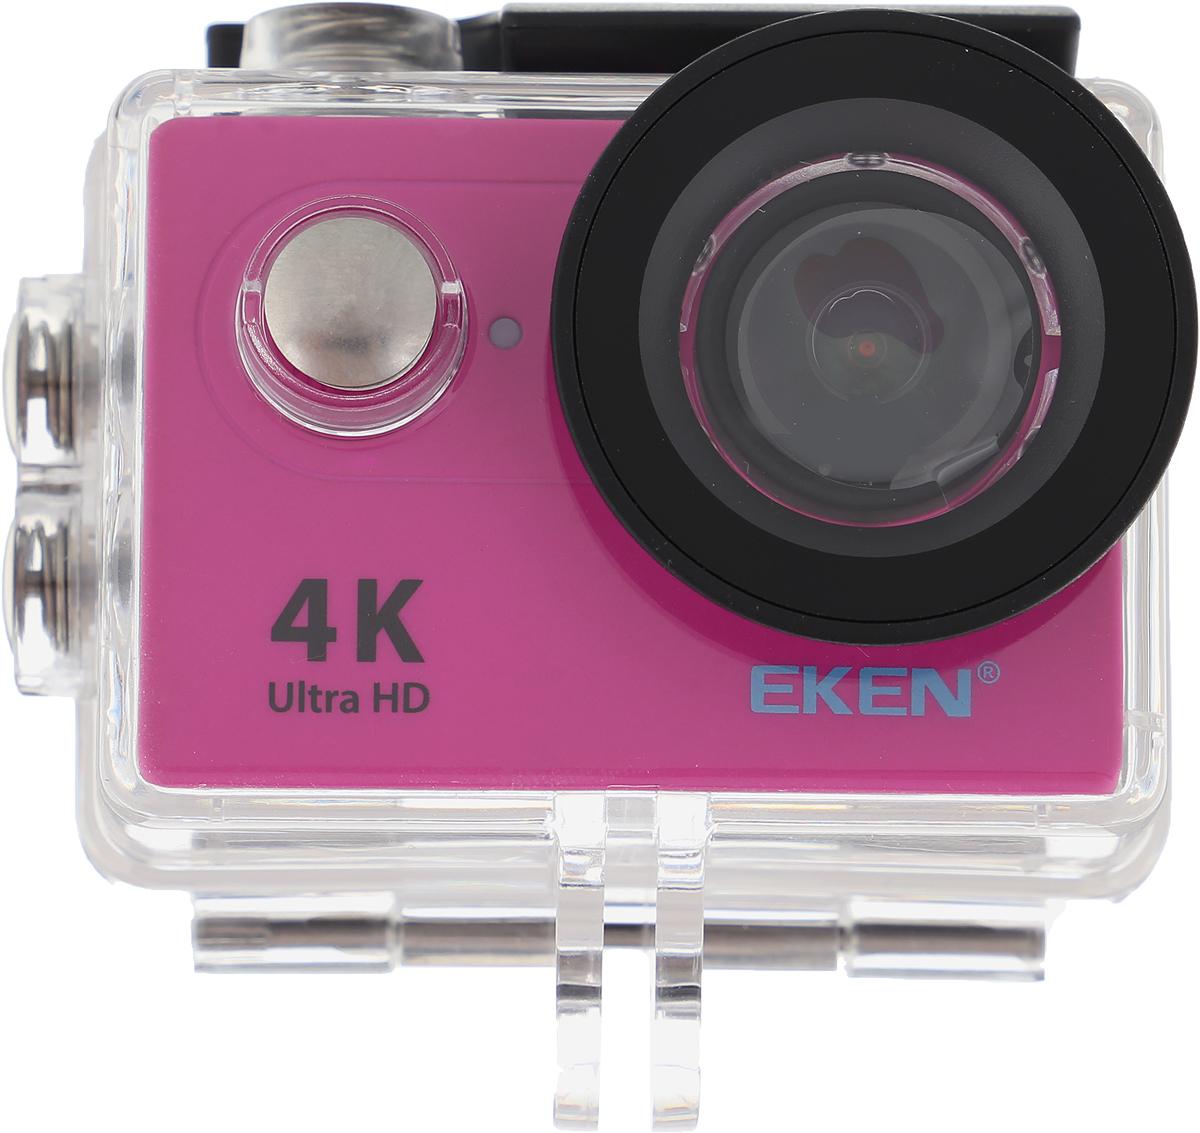 Eken H9R Ultra HD, Pink экшн-камераH9R PINKЭкшн-камера Eken H9R Ultra HD позволяет записывать видео с разрешением 4К и очень плавным изображением до 30 кадров в секунду. Камера оснащена 2 TFT LCD экраном. Эта модель сделана для любителей спорта на улице, подводного плавания, скейтбординга, скай-дайвинга, скалолазания, бега или охоты. Снимайте с руки, на велосипеде, в машине и где угодно. По сравнению с предыдущими версиями, в Eken H9R Ultra HD вы найдете уменьшенные размеры корпуса, увеличенный до 2-х дюймов экран, невероятную оптику и фантастическое разрешение изображения при съемке 30 кадров в секунду!Управляйте вашей H9R на своем смартфоне или планшете. Приложение Ez iCam App позволяет работать с браузером и наблюдать все то, что видит ваша камера. В комплекте с камерой идет пульт ДУ работающий на частоте 2,4 ГГц. Он позволяет начинать и заканчивать съемку удаленно. Как выбрать экшн-камеру. Статья OZON Гид